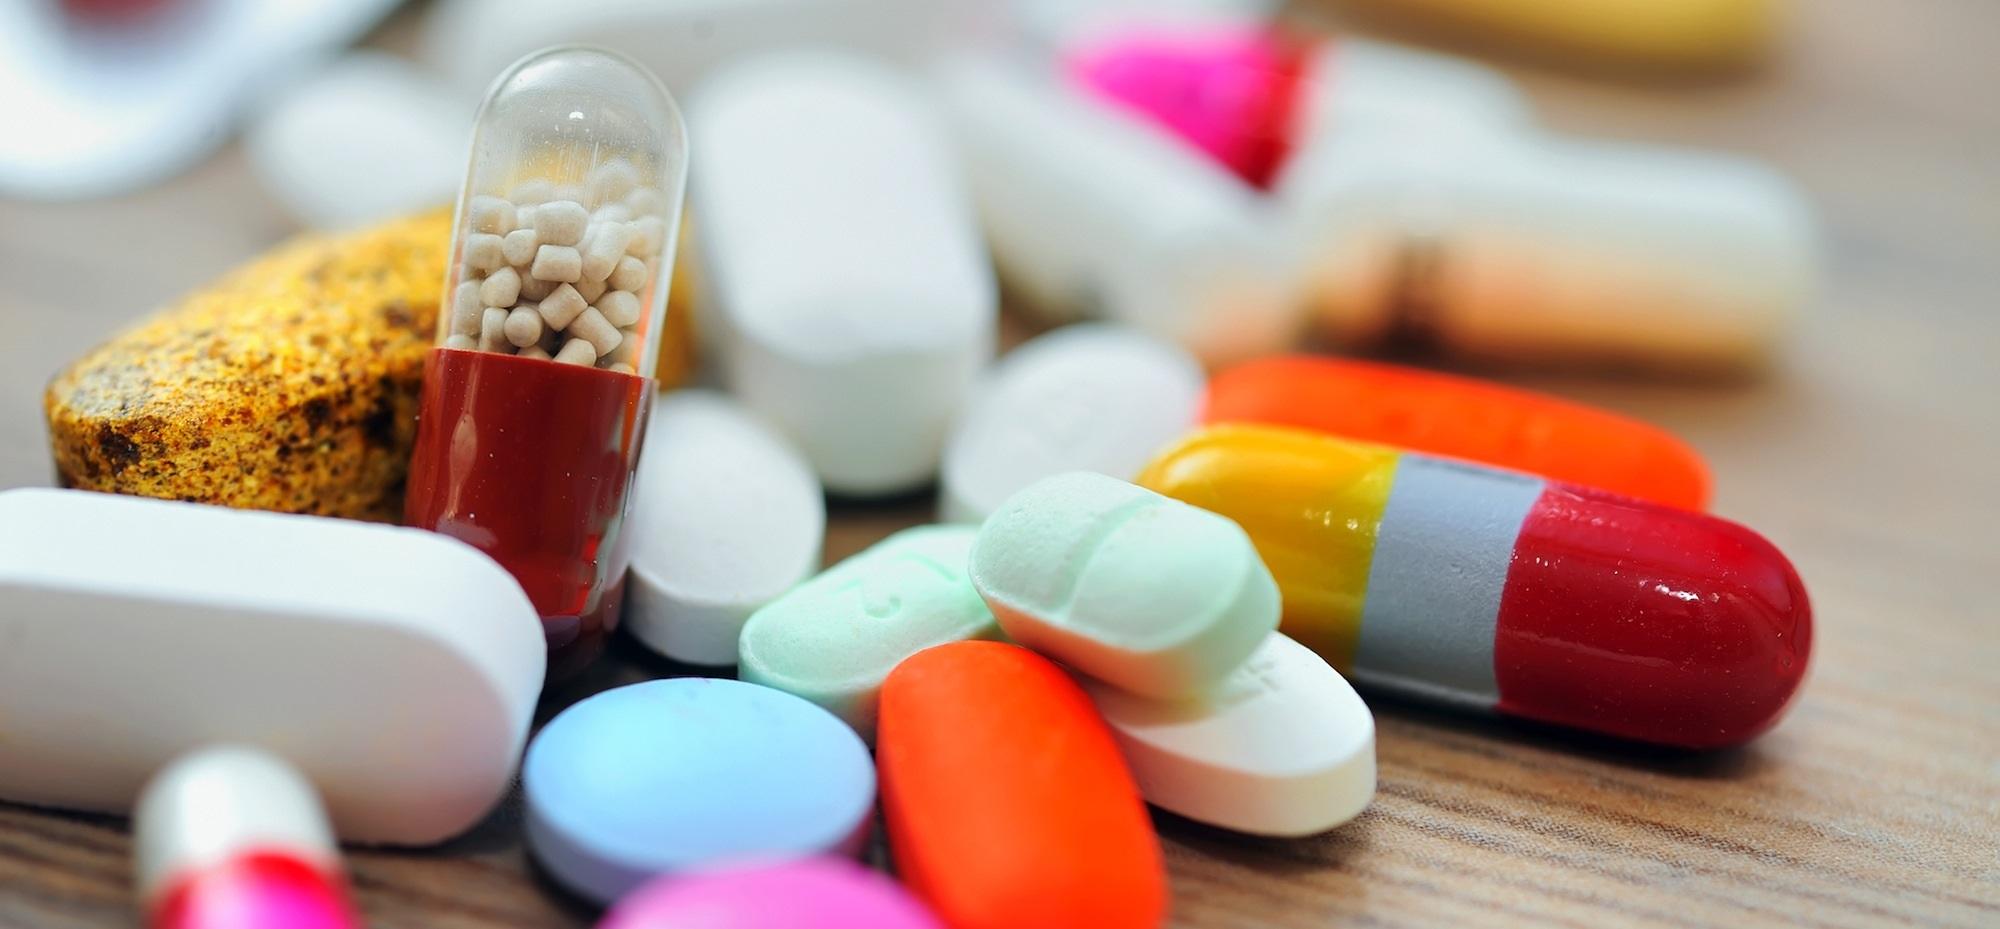 هل الدواء يؤثر بشكل إيجابي على حالتك؟